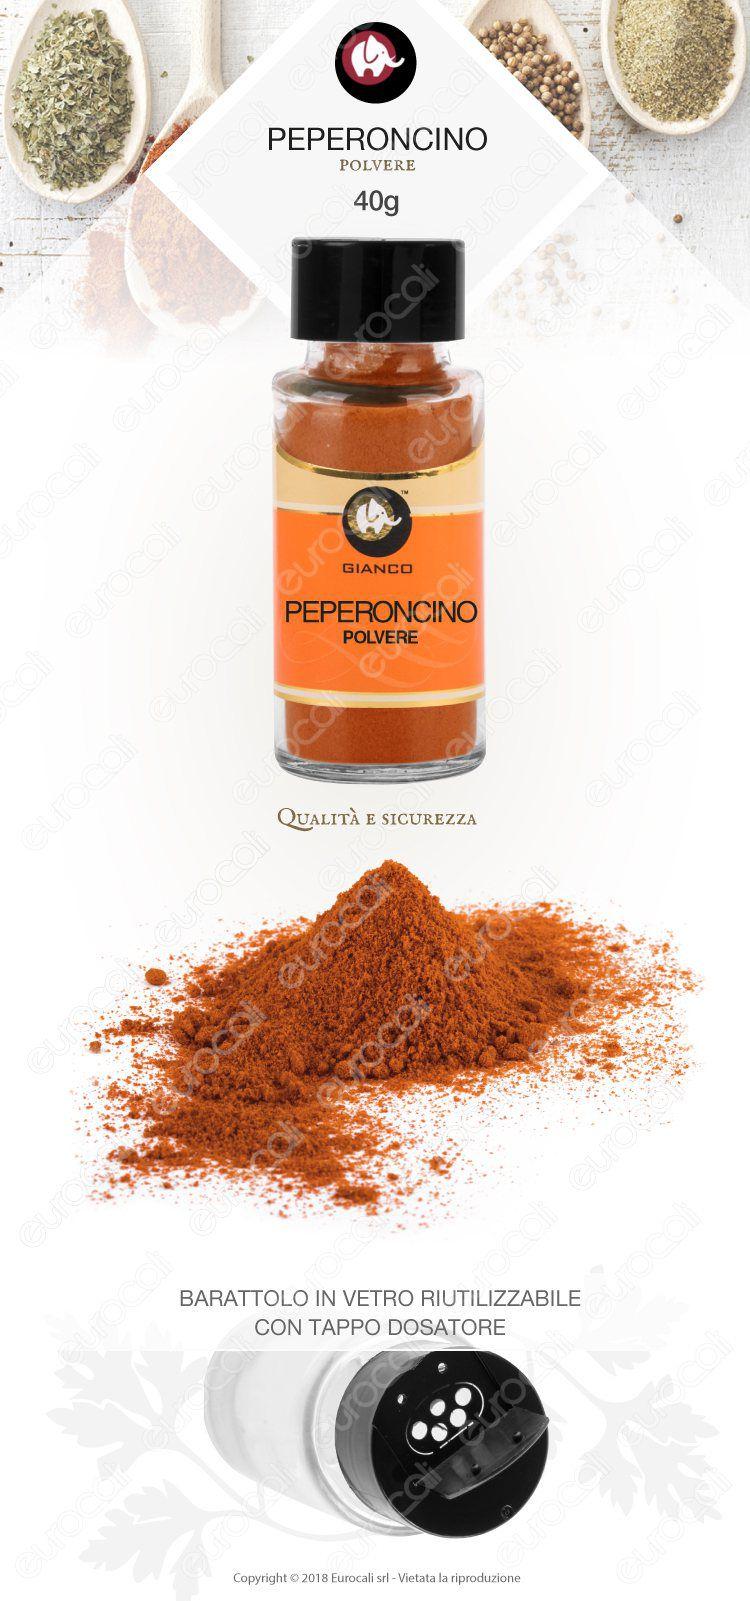 Gianco Peperoncino Polvere